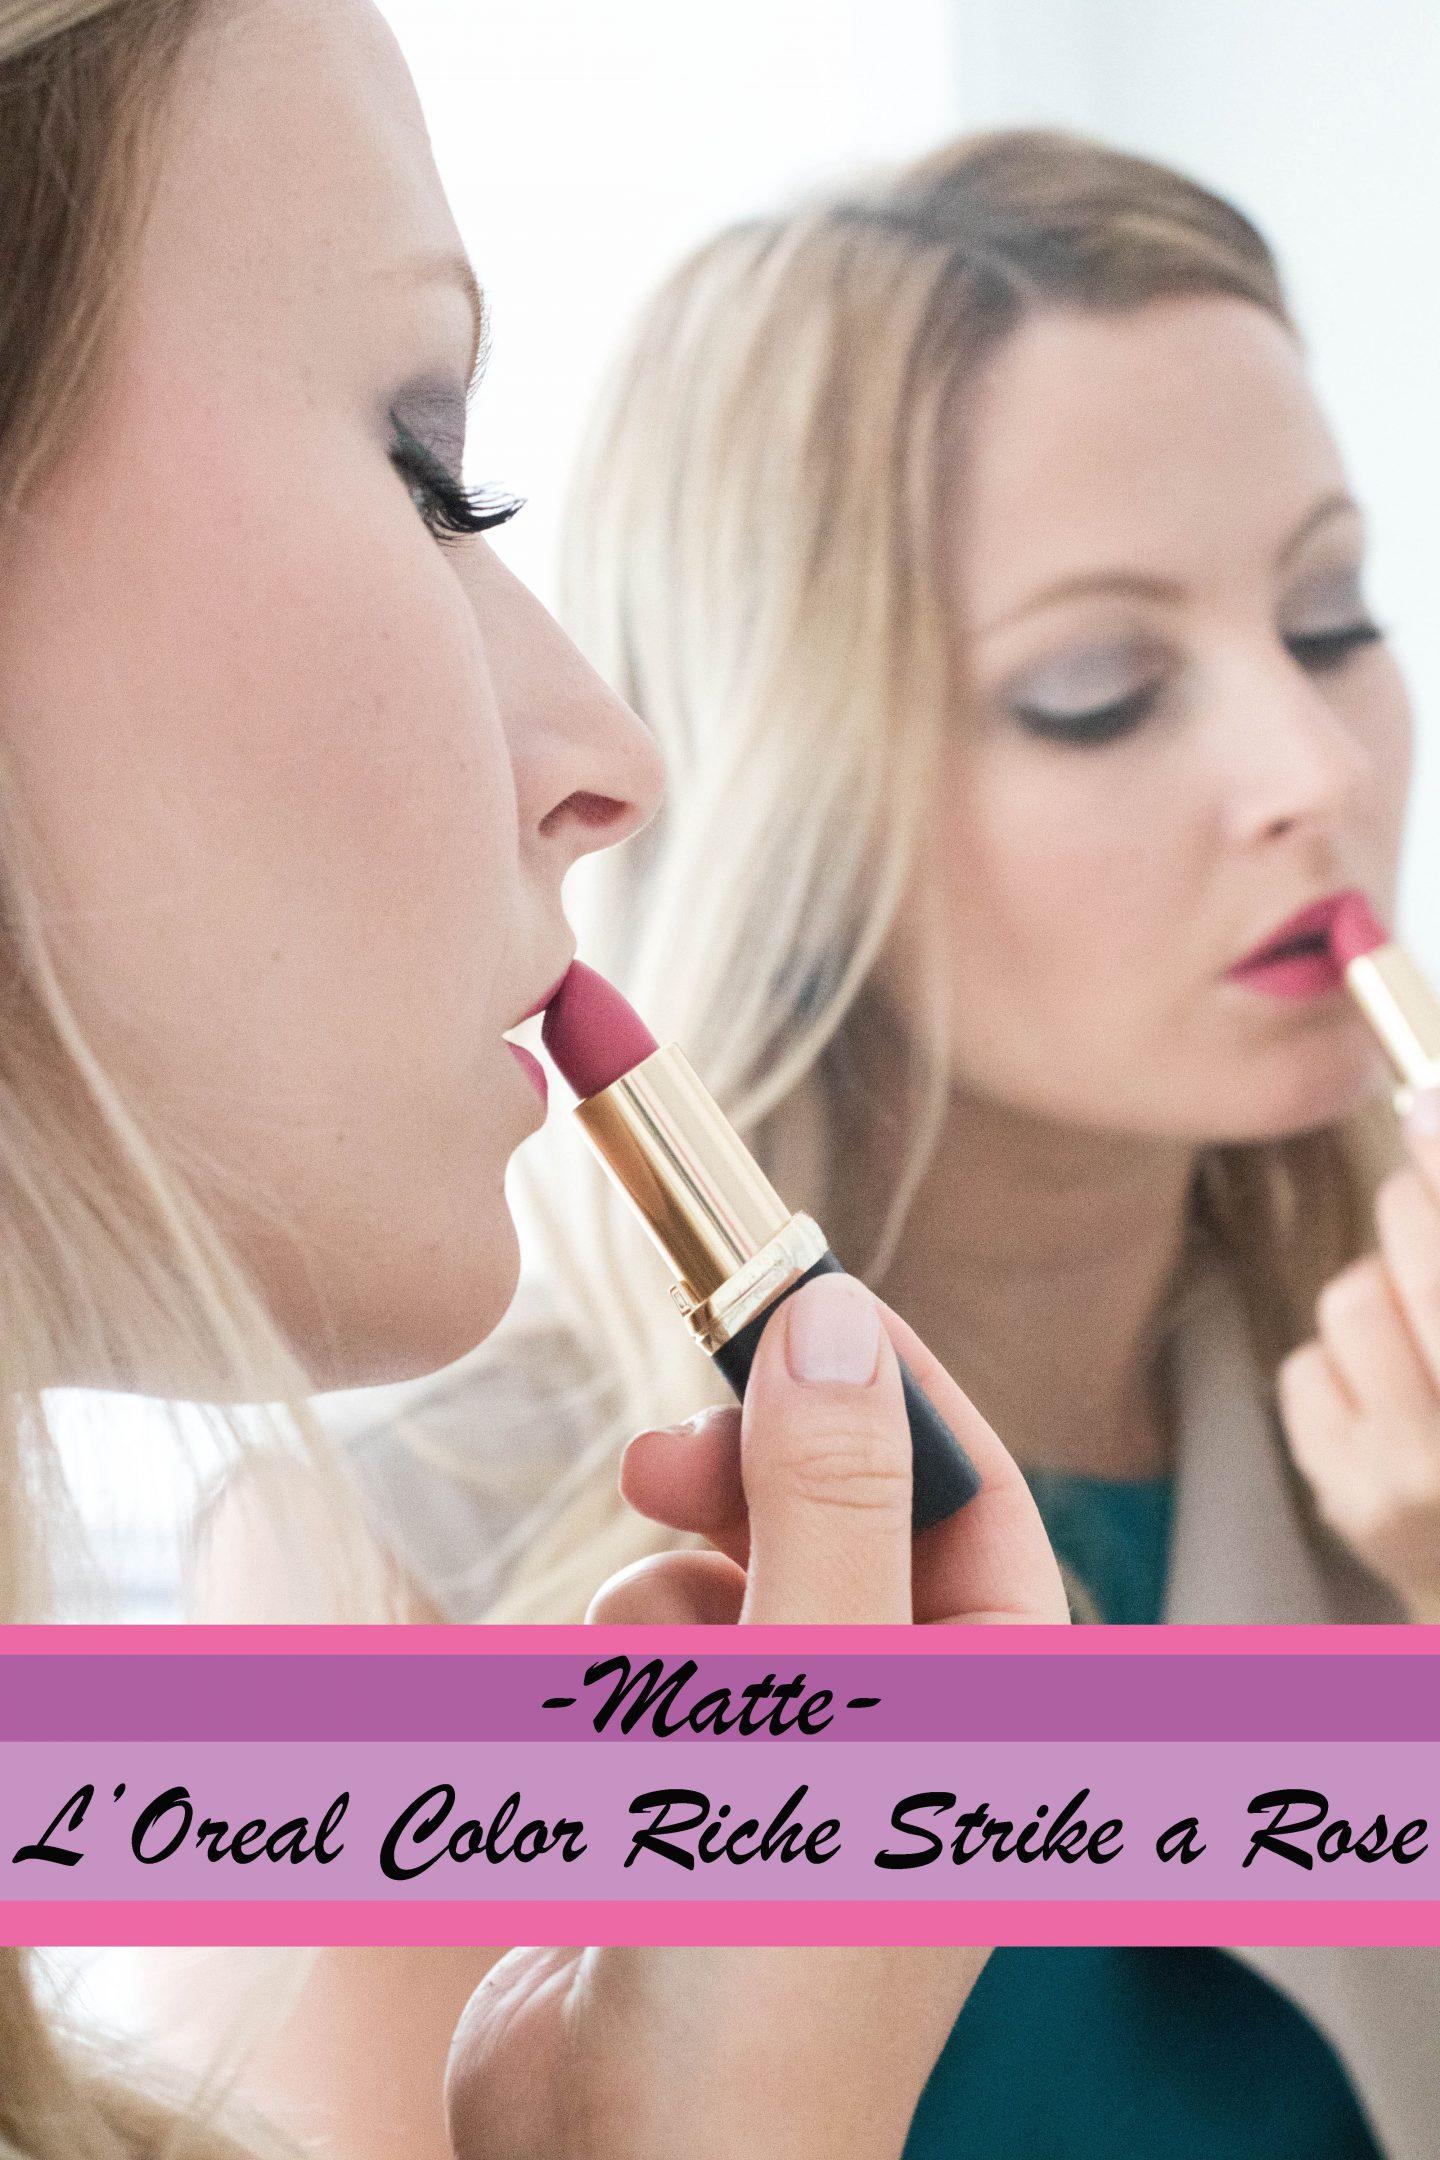 L'Oreal Color Riche Matte - Strike a Rose